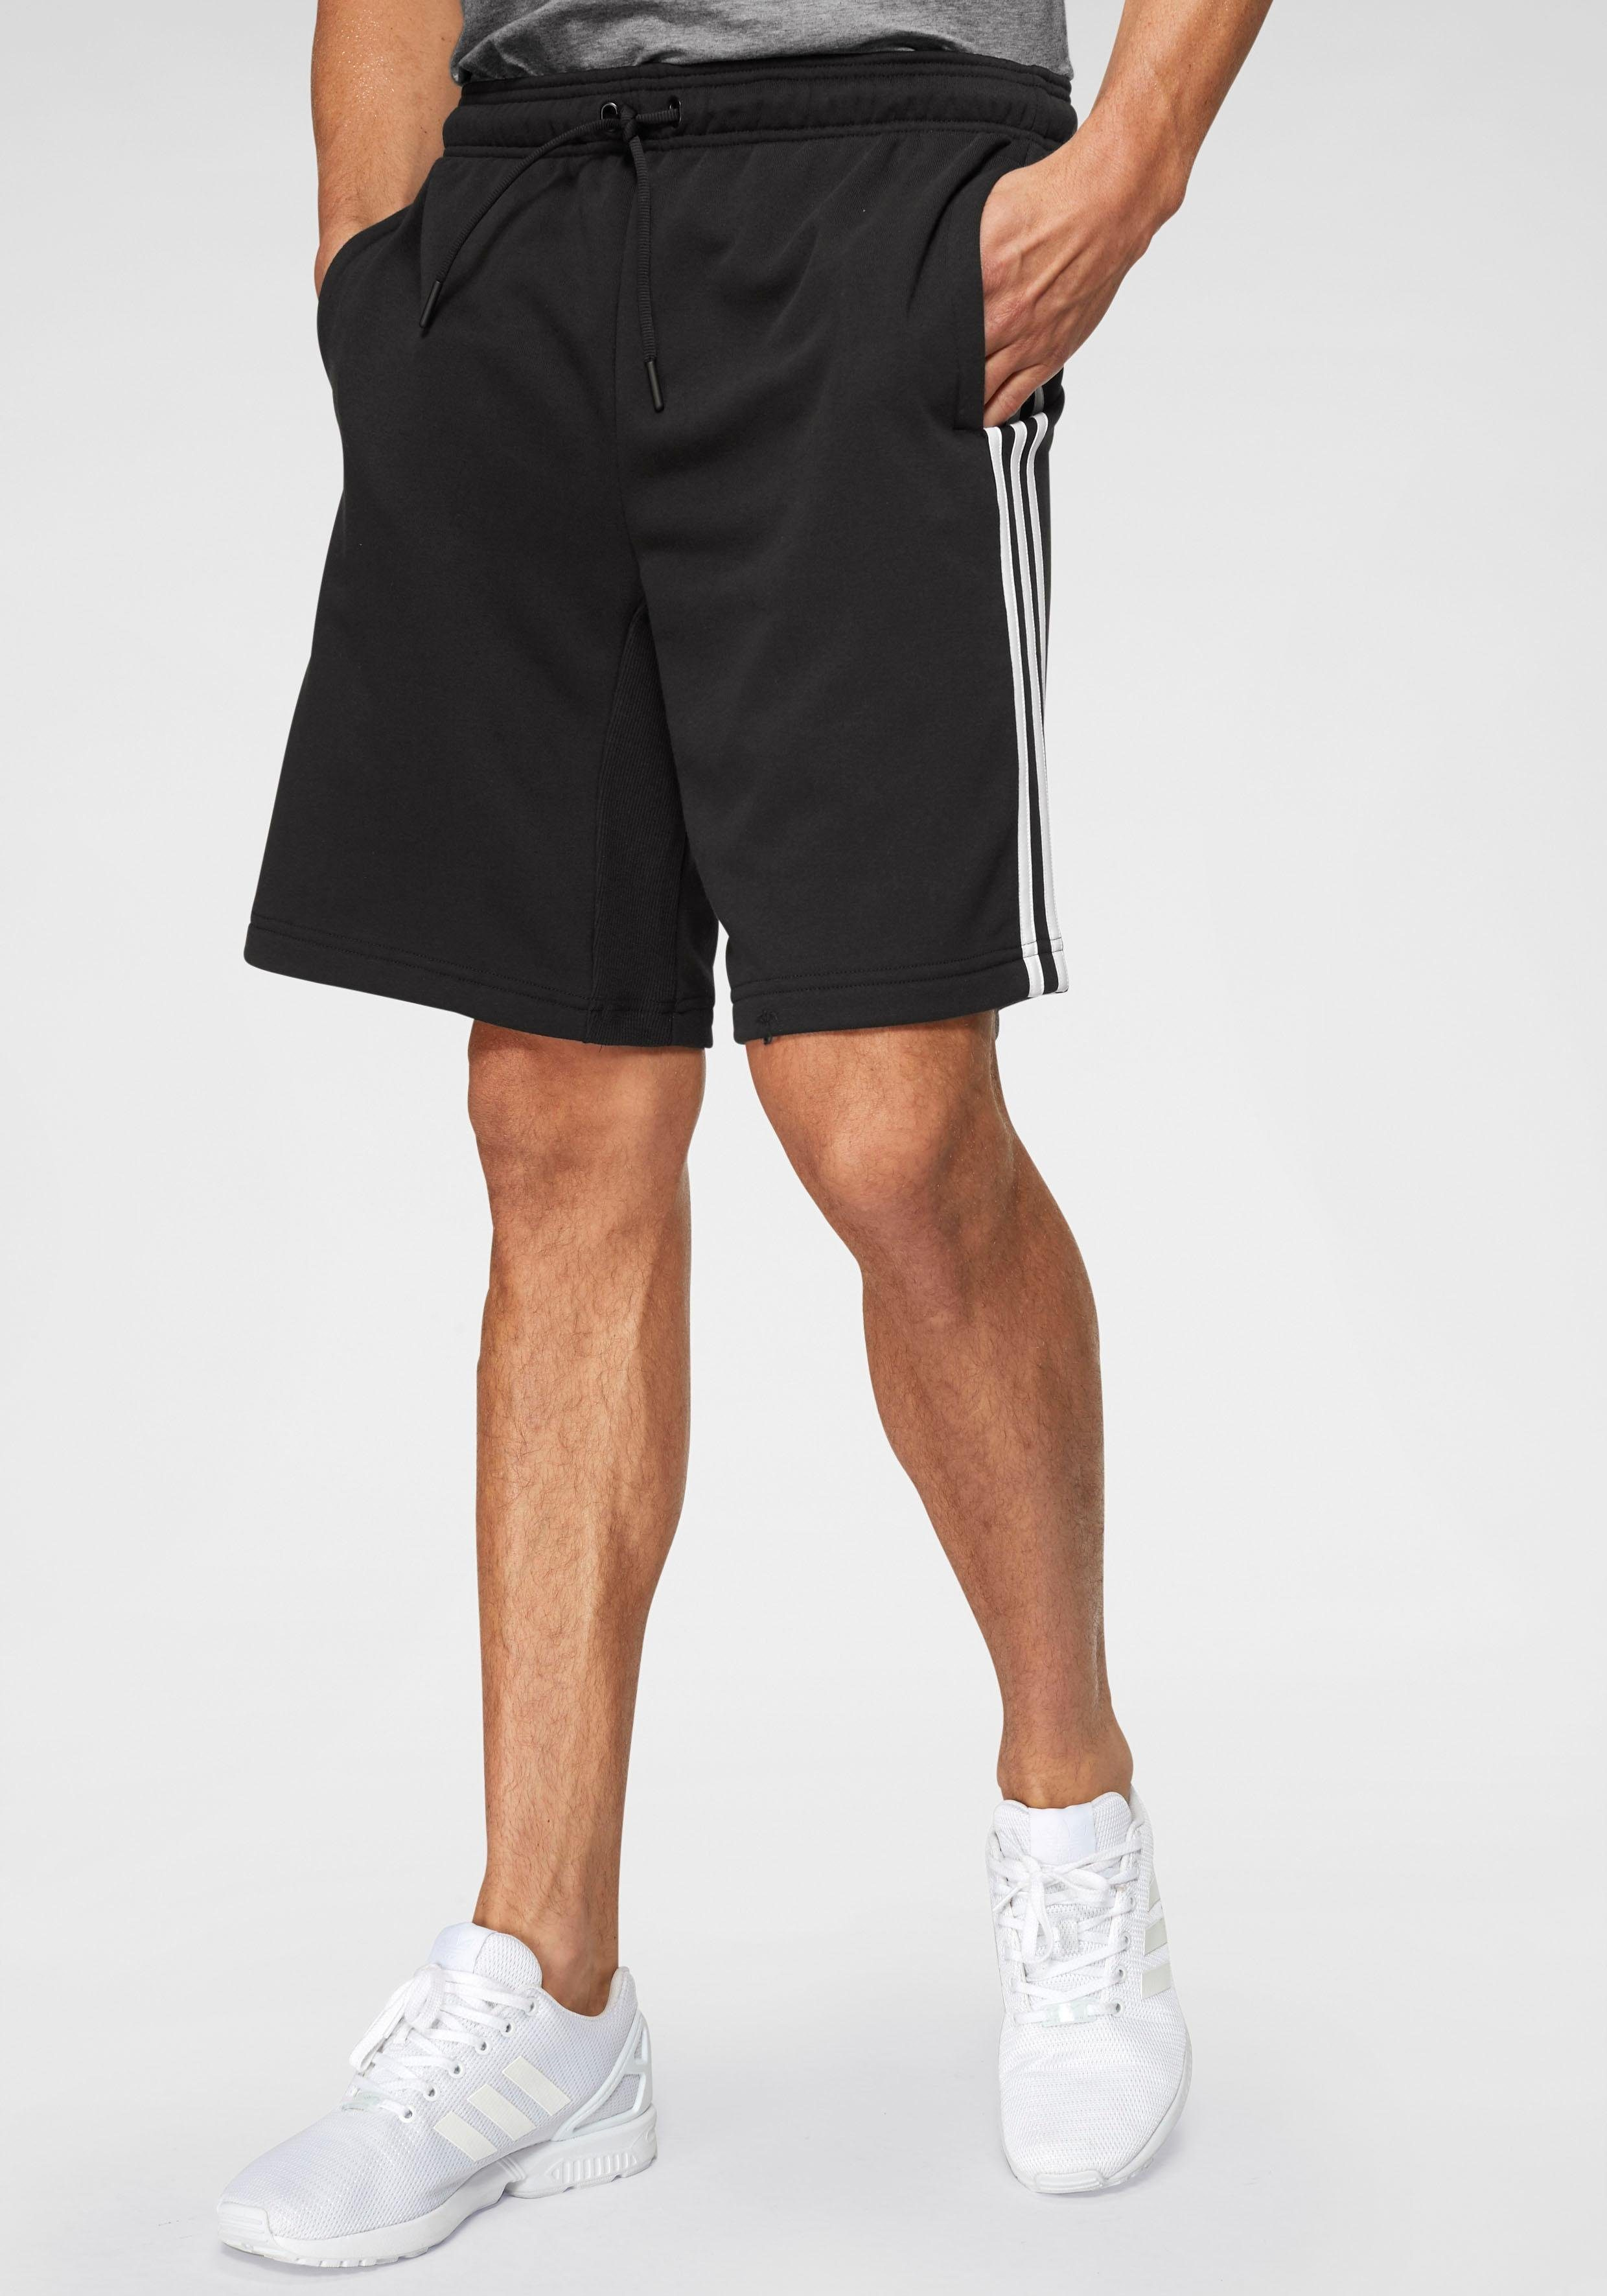 adidas Damen kurze Hose Essentials 3 Stripes Woven